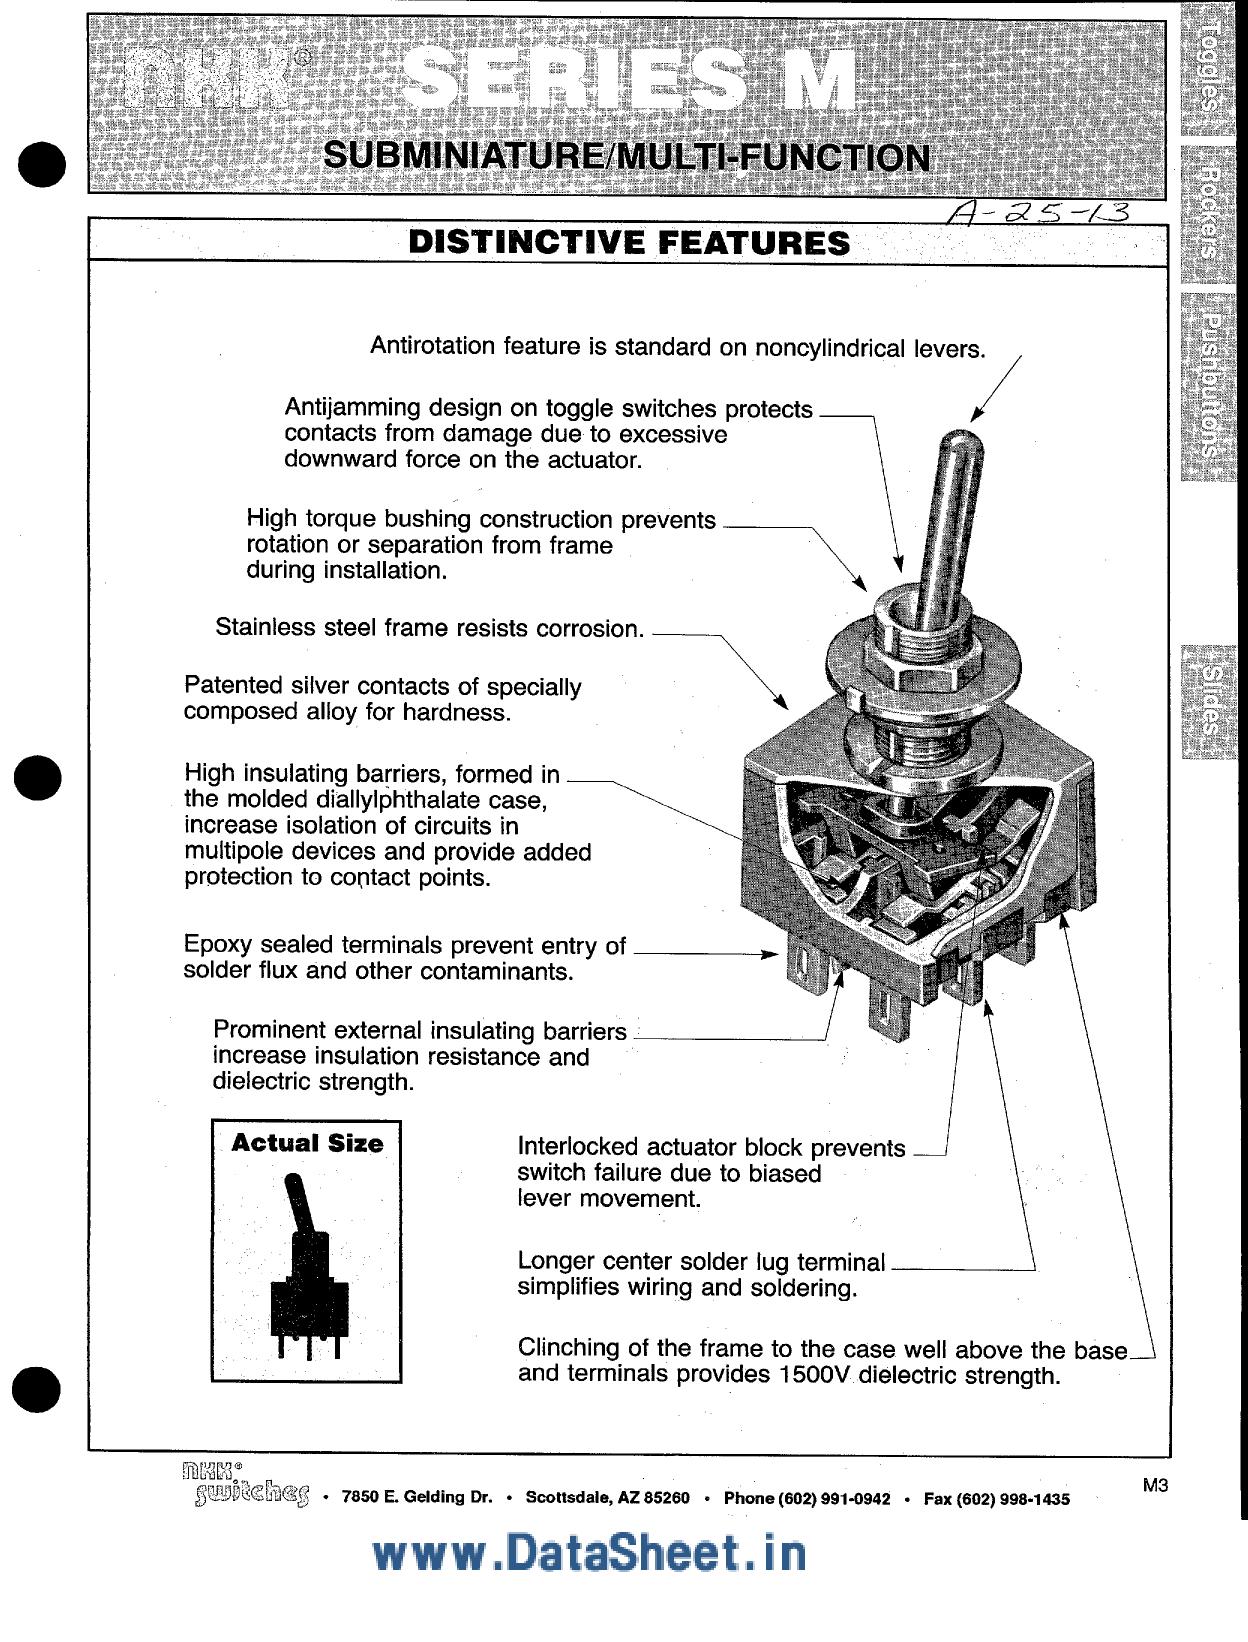 M-202xxx даташит PDF